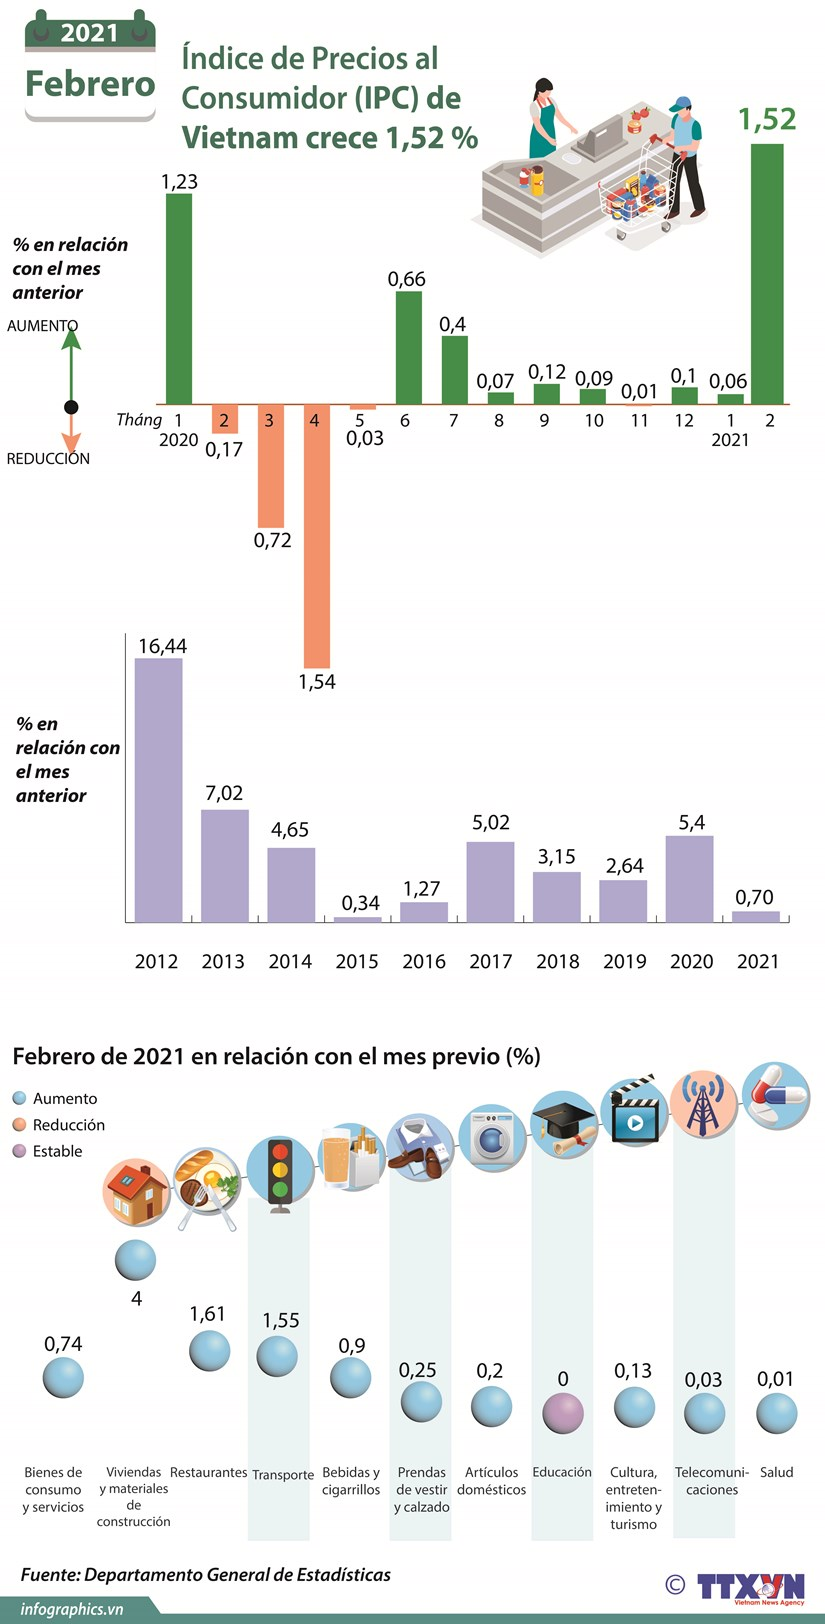 Indice de Precios al Consumidor (IPC) de Vietnam crece 1,52 por ciento hinh anh 1